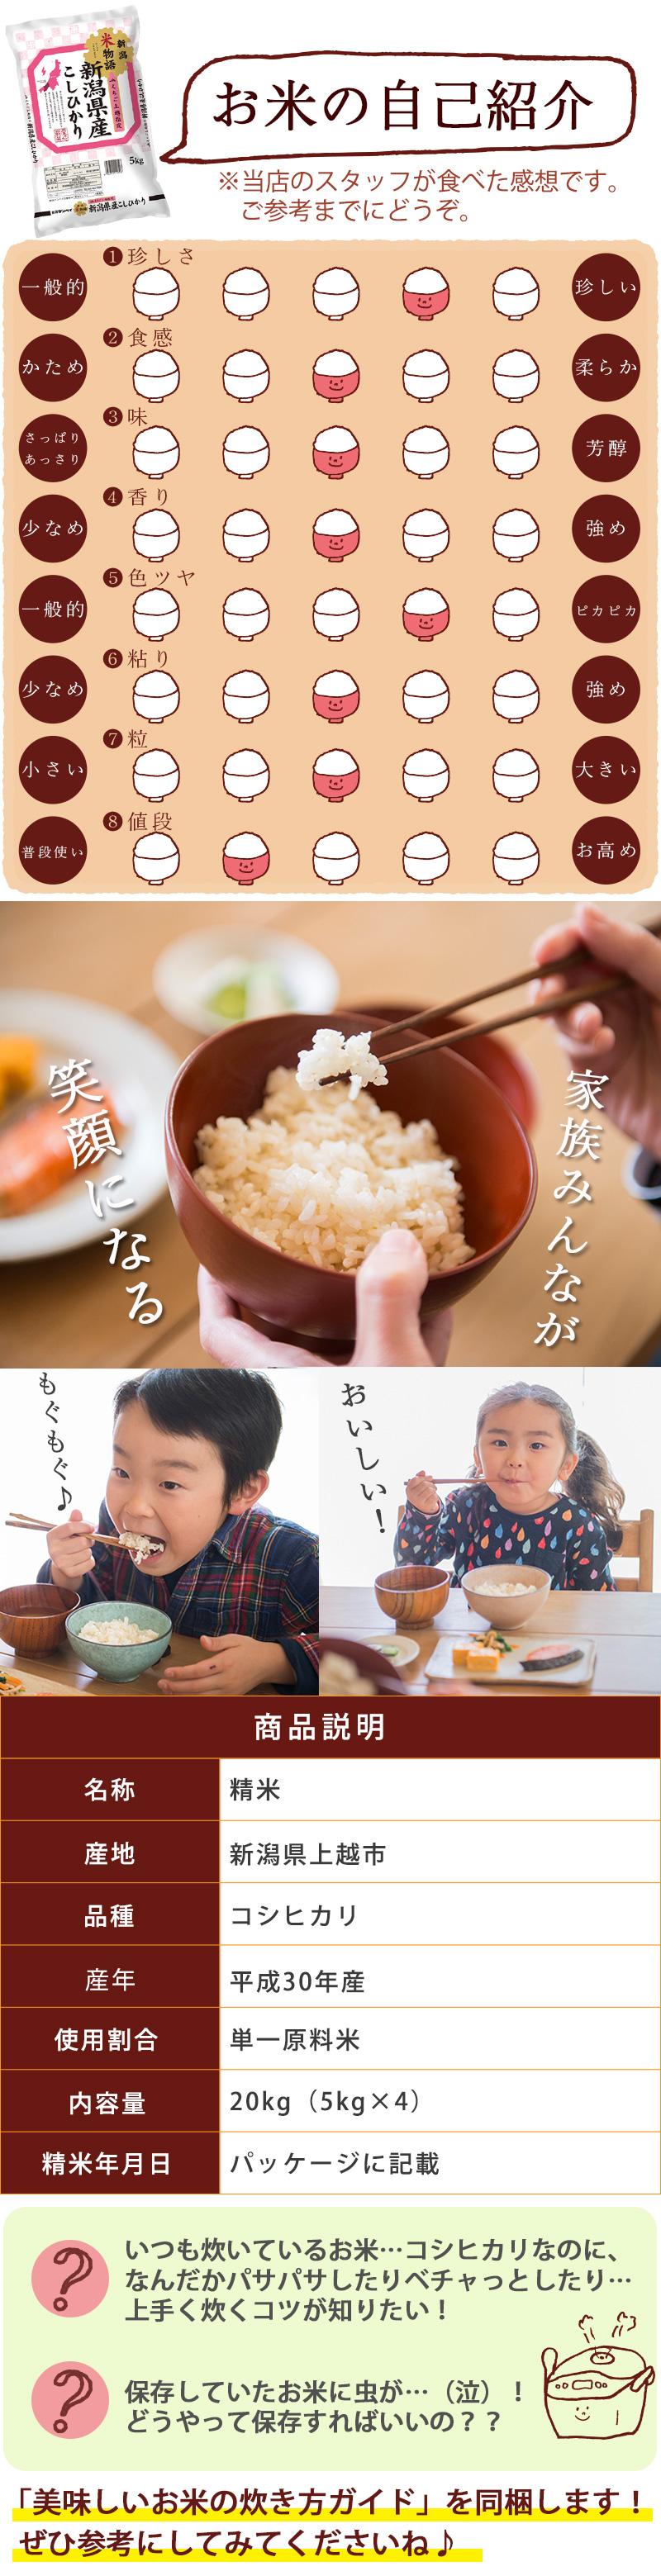 お米の自己紹介